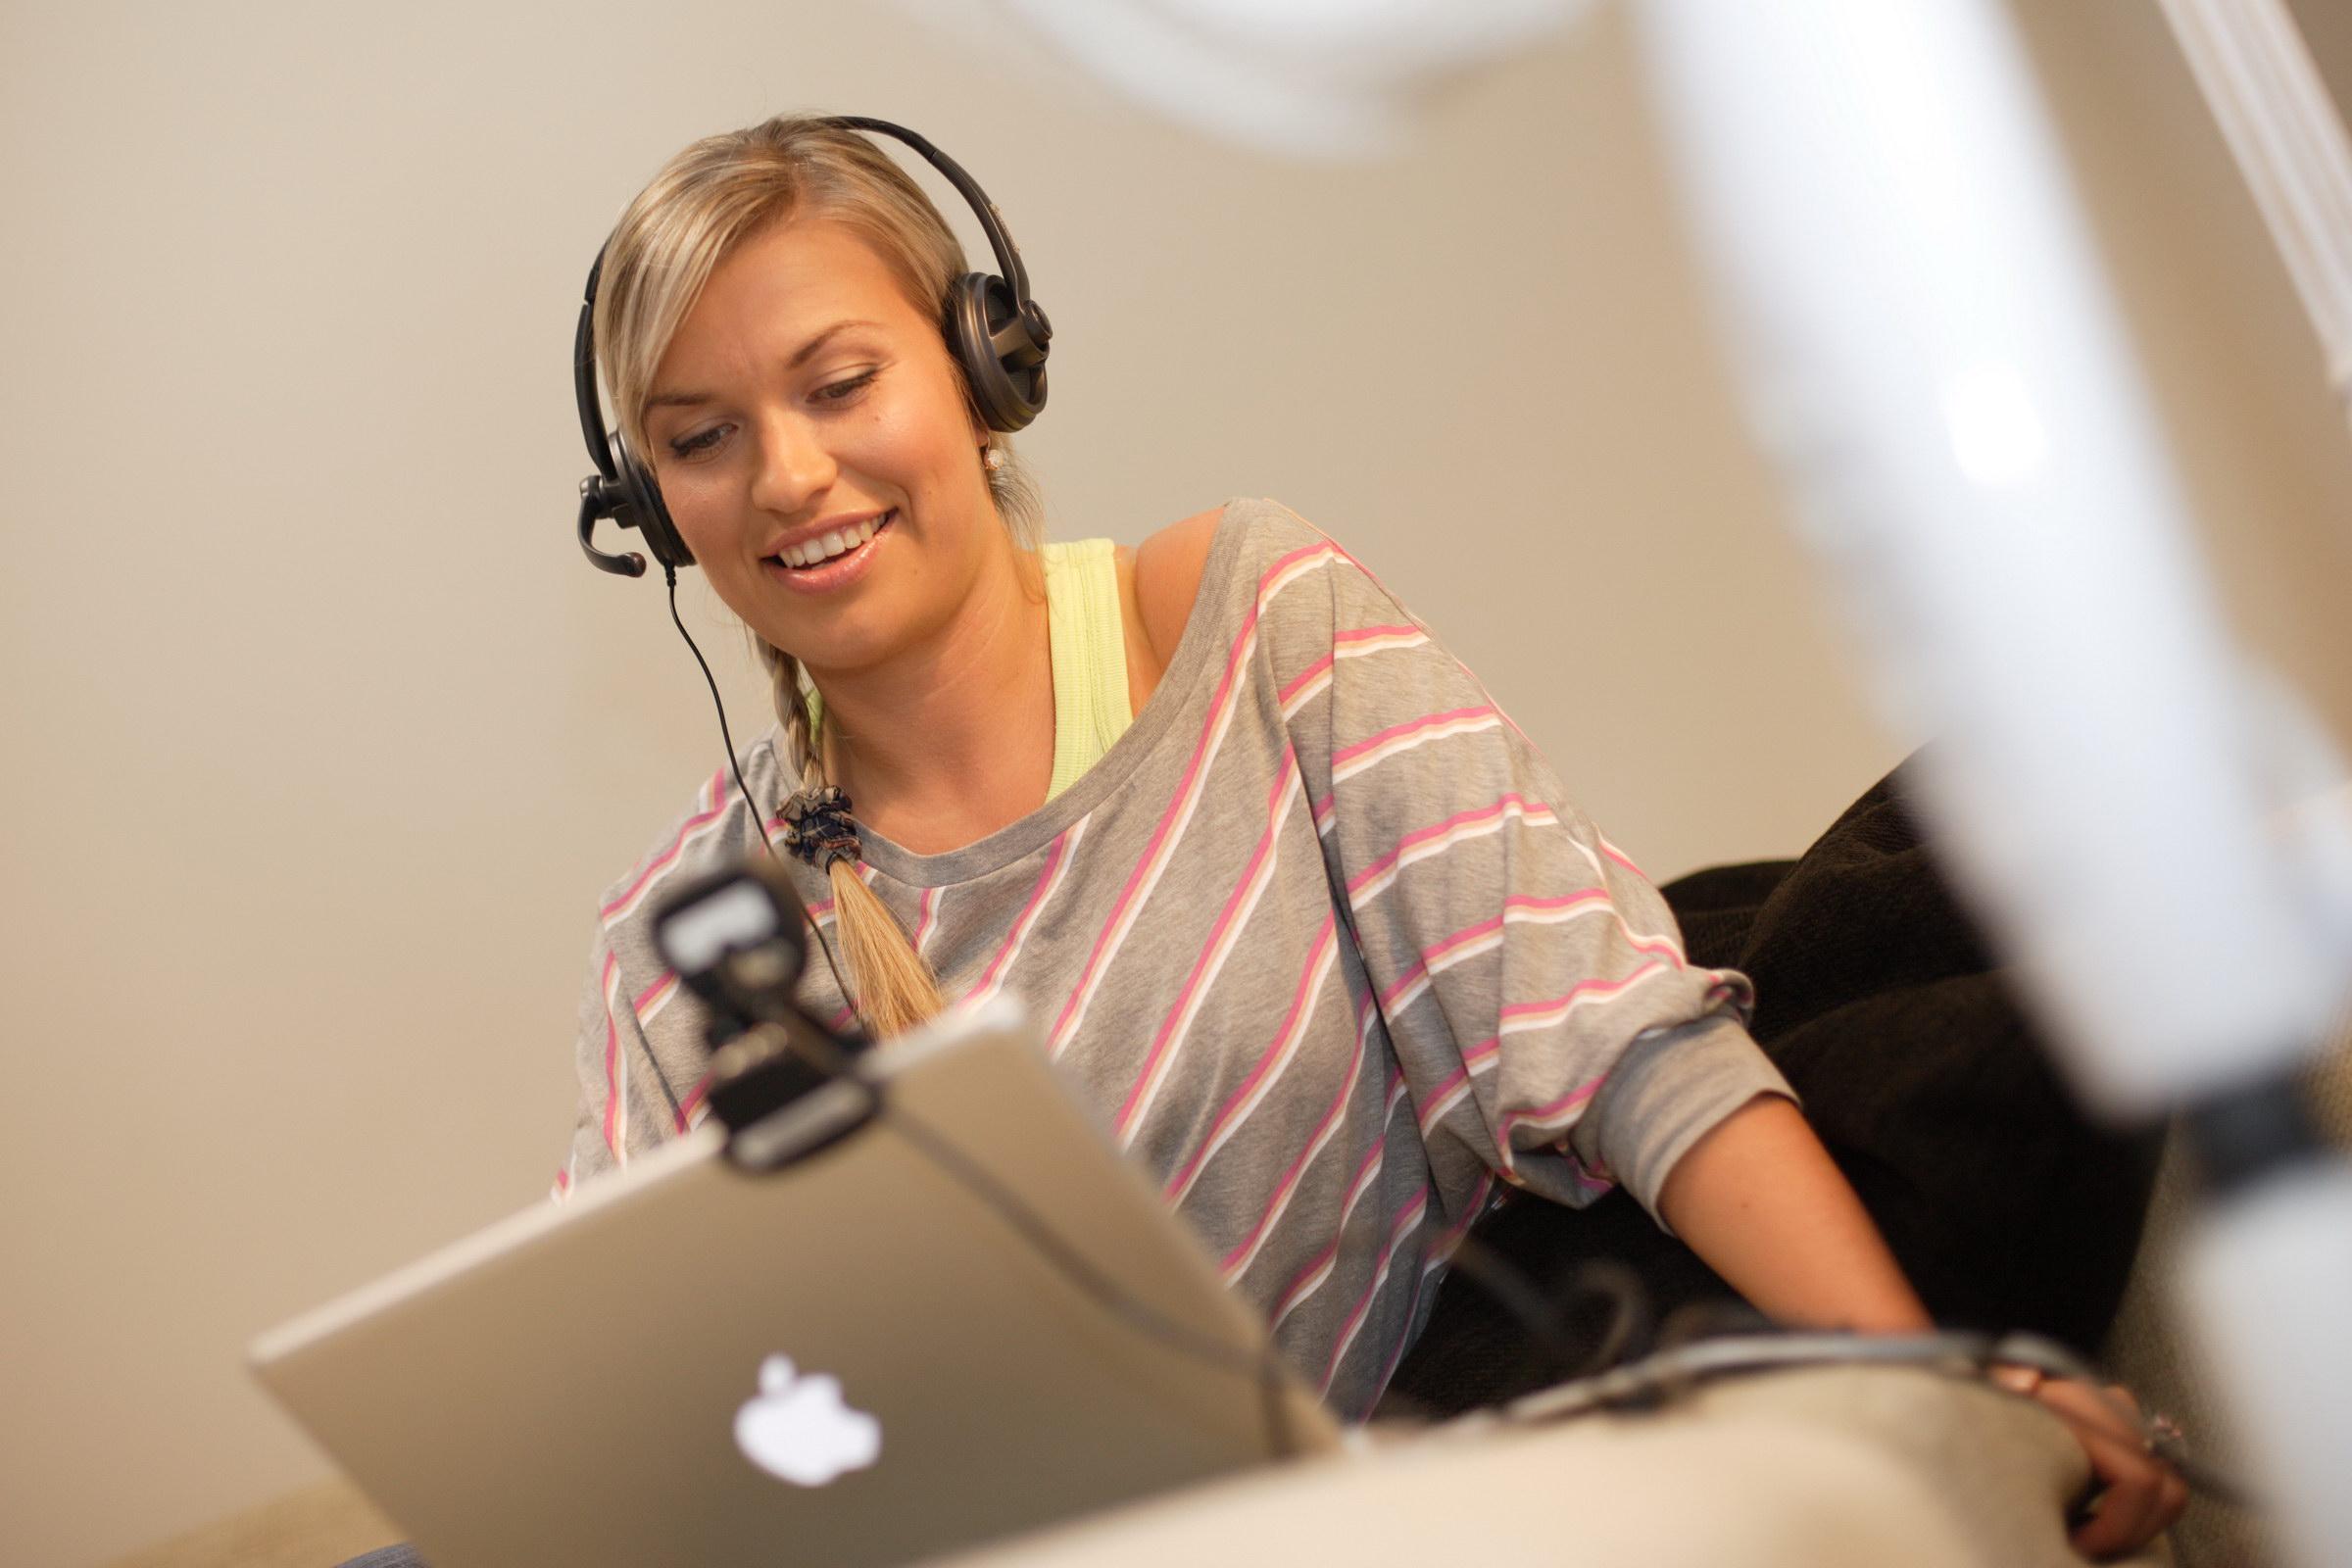 Разговор по скайпу бесплатно с девушкой 2 фотография